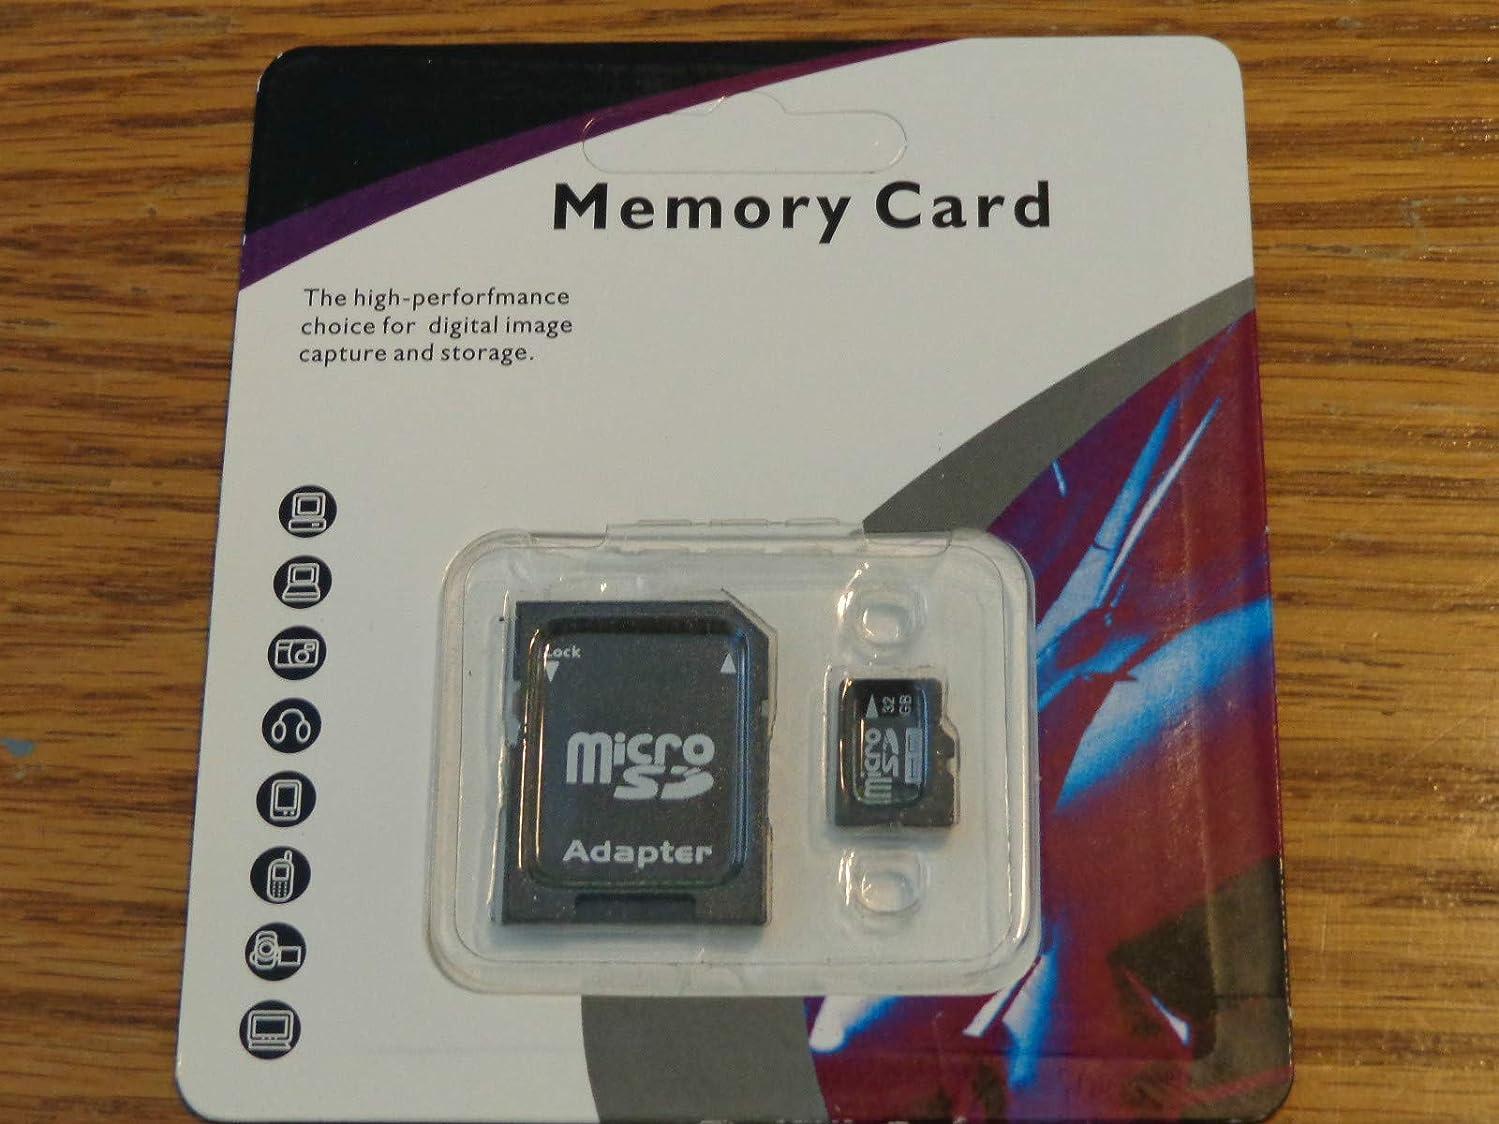 原稿追い出す驚いたことにWebViu SD MicroSD Card 256ギガバイト